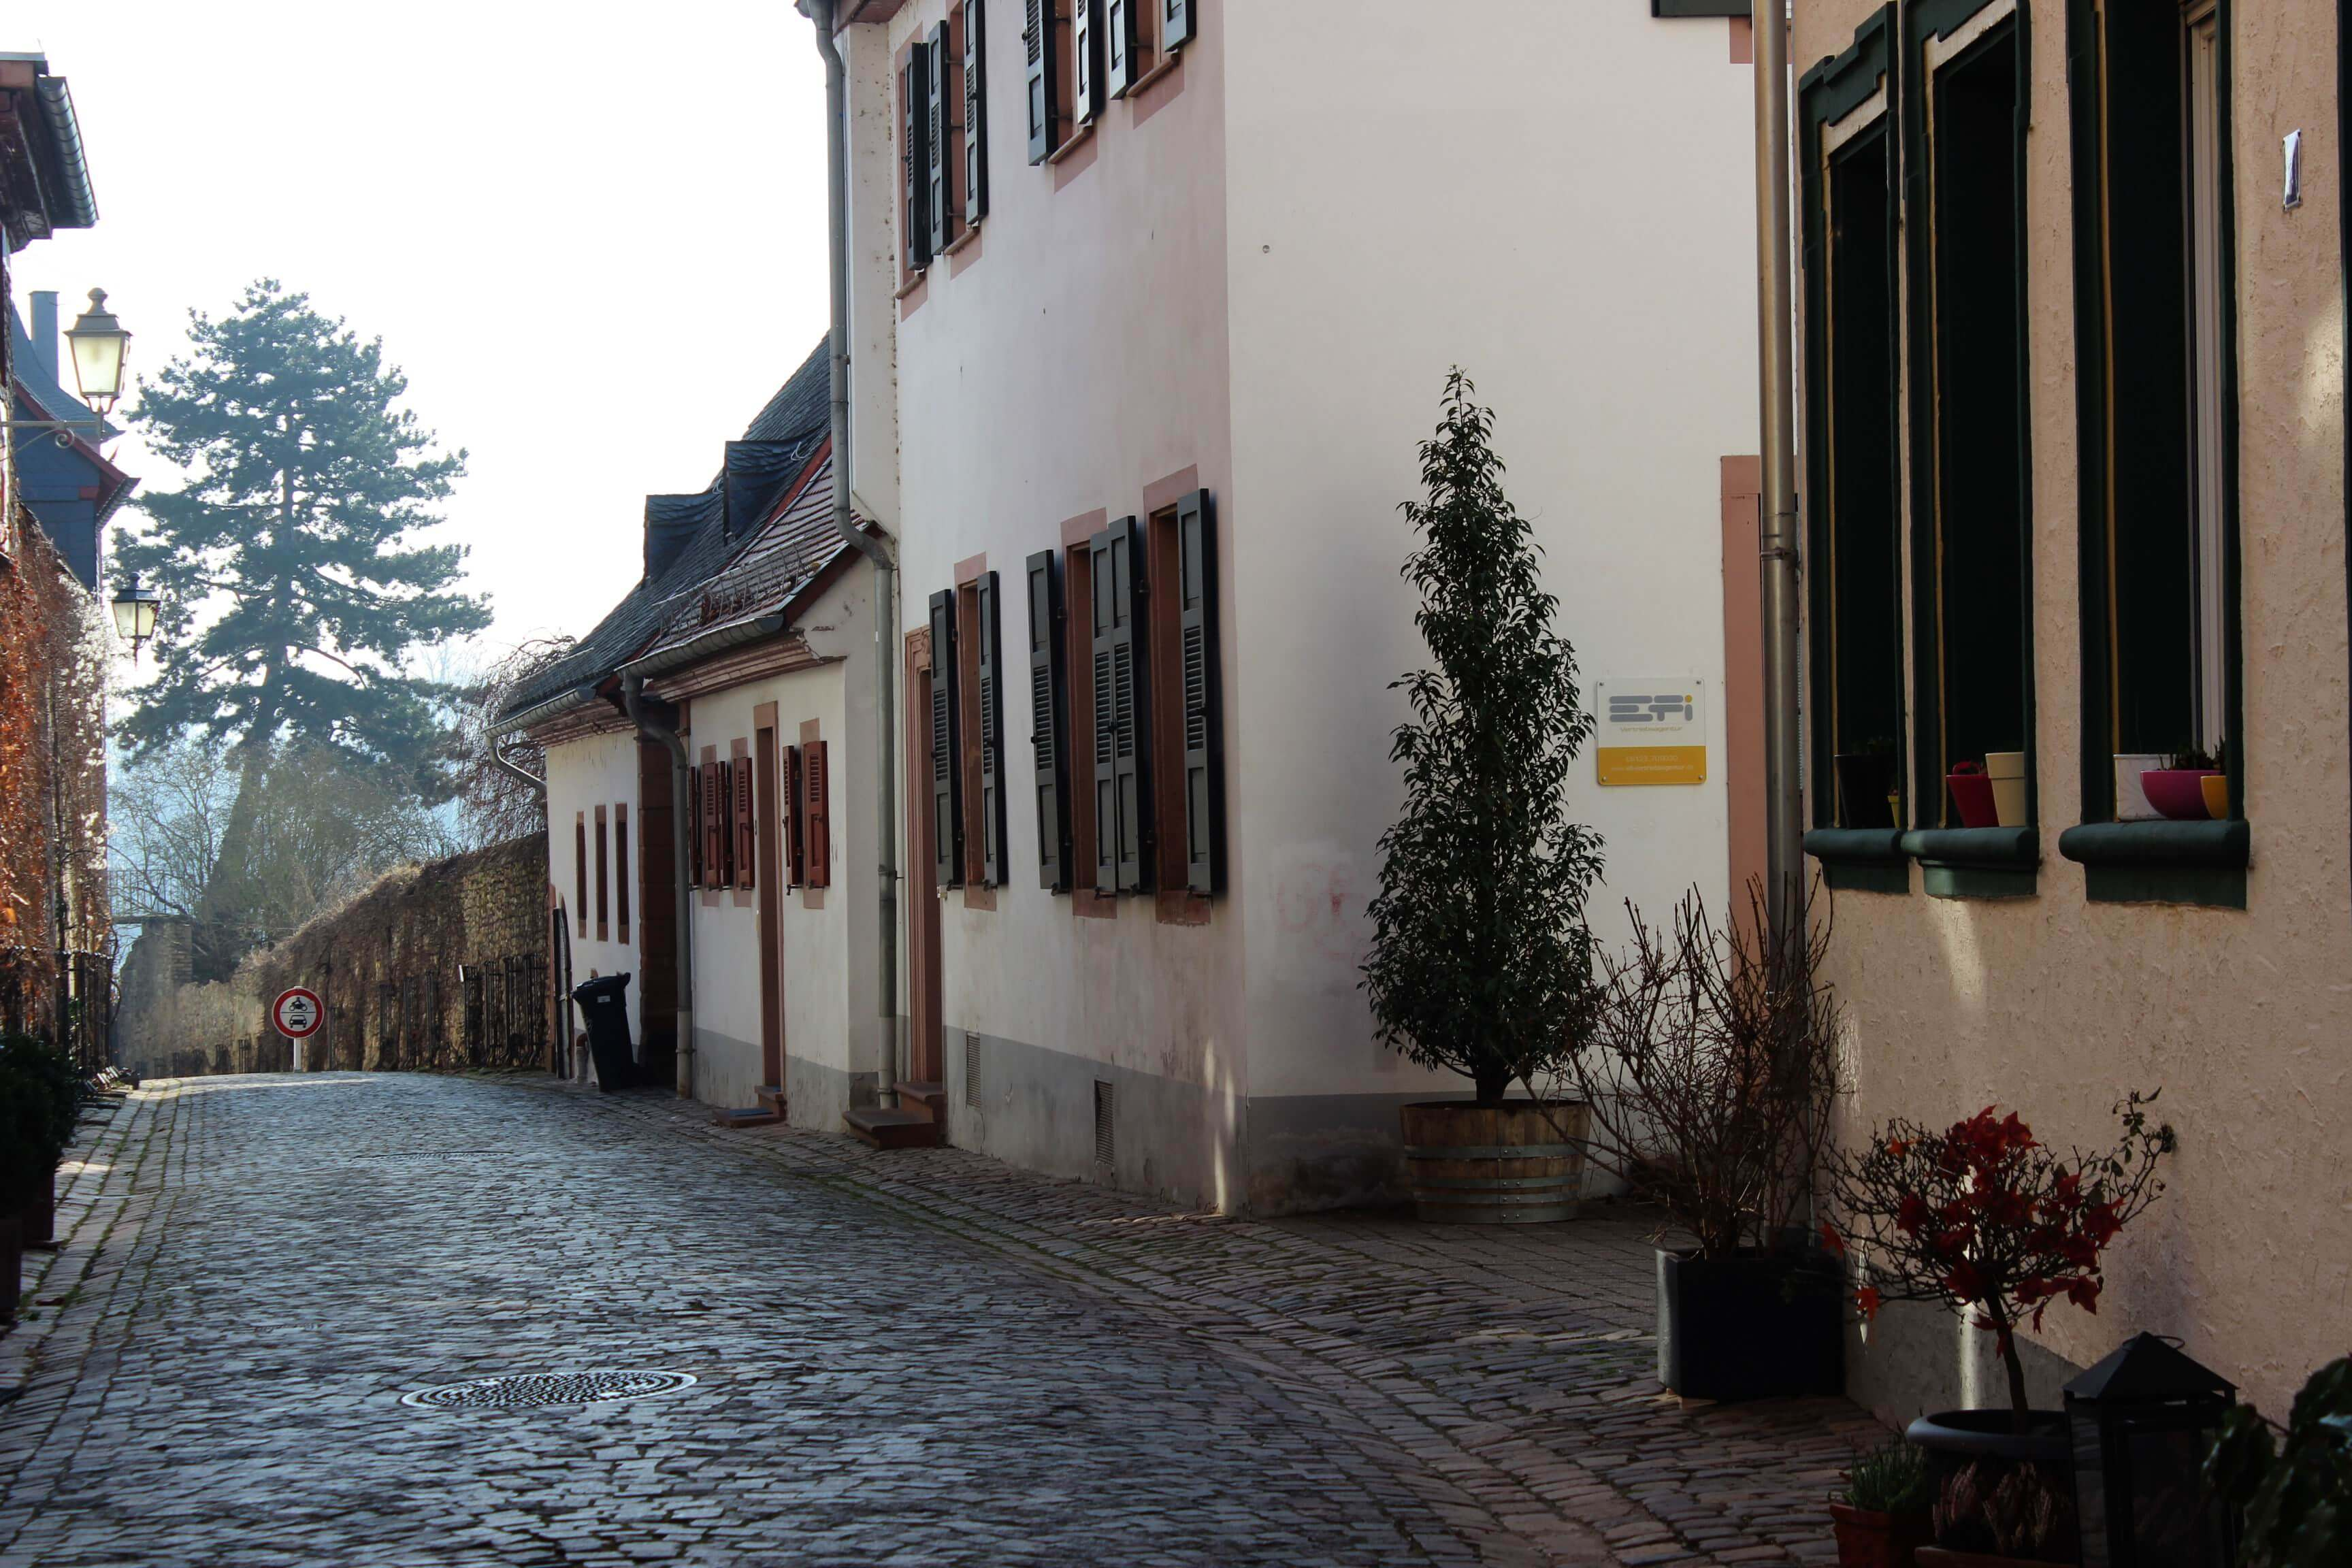 Altstadt von Eltville, Kopfsteinpflaster, Häusergasse, Straße